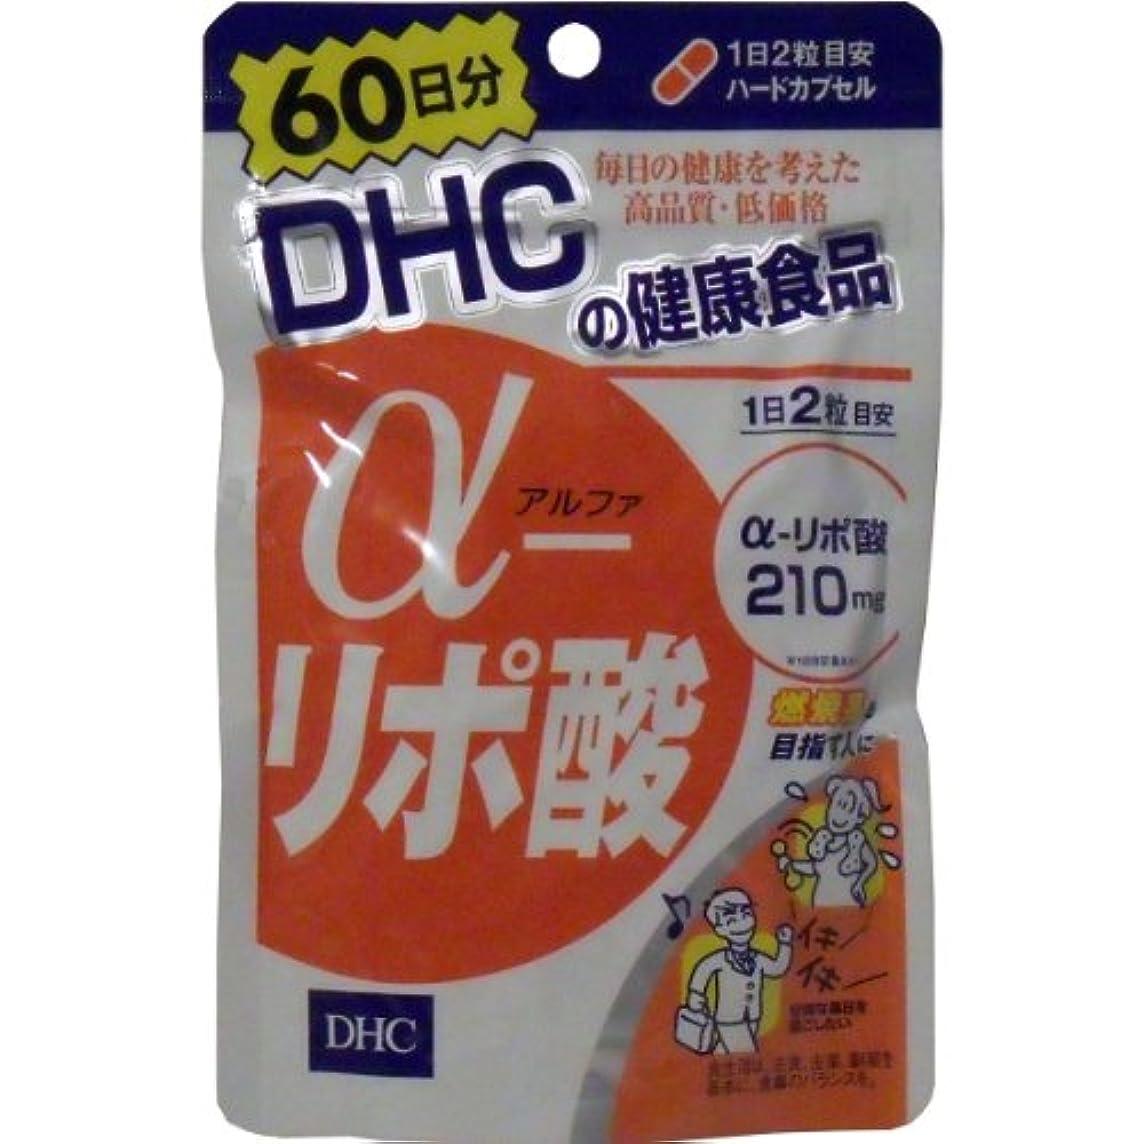 【???便】DHC α-リポ酸 60日分(120粒)×4個セット